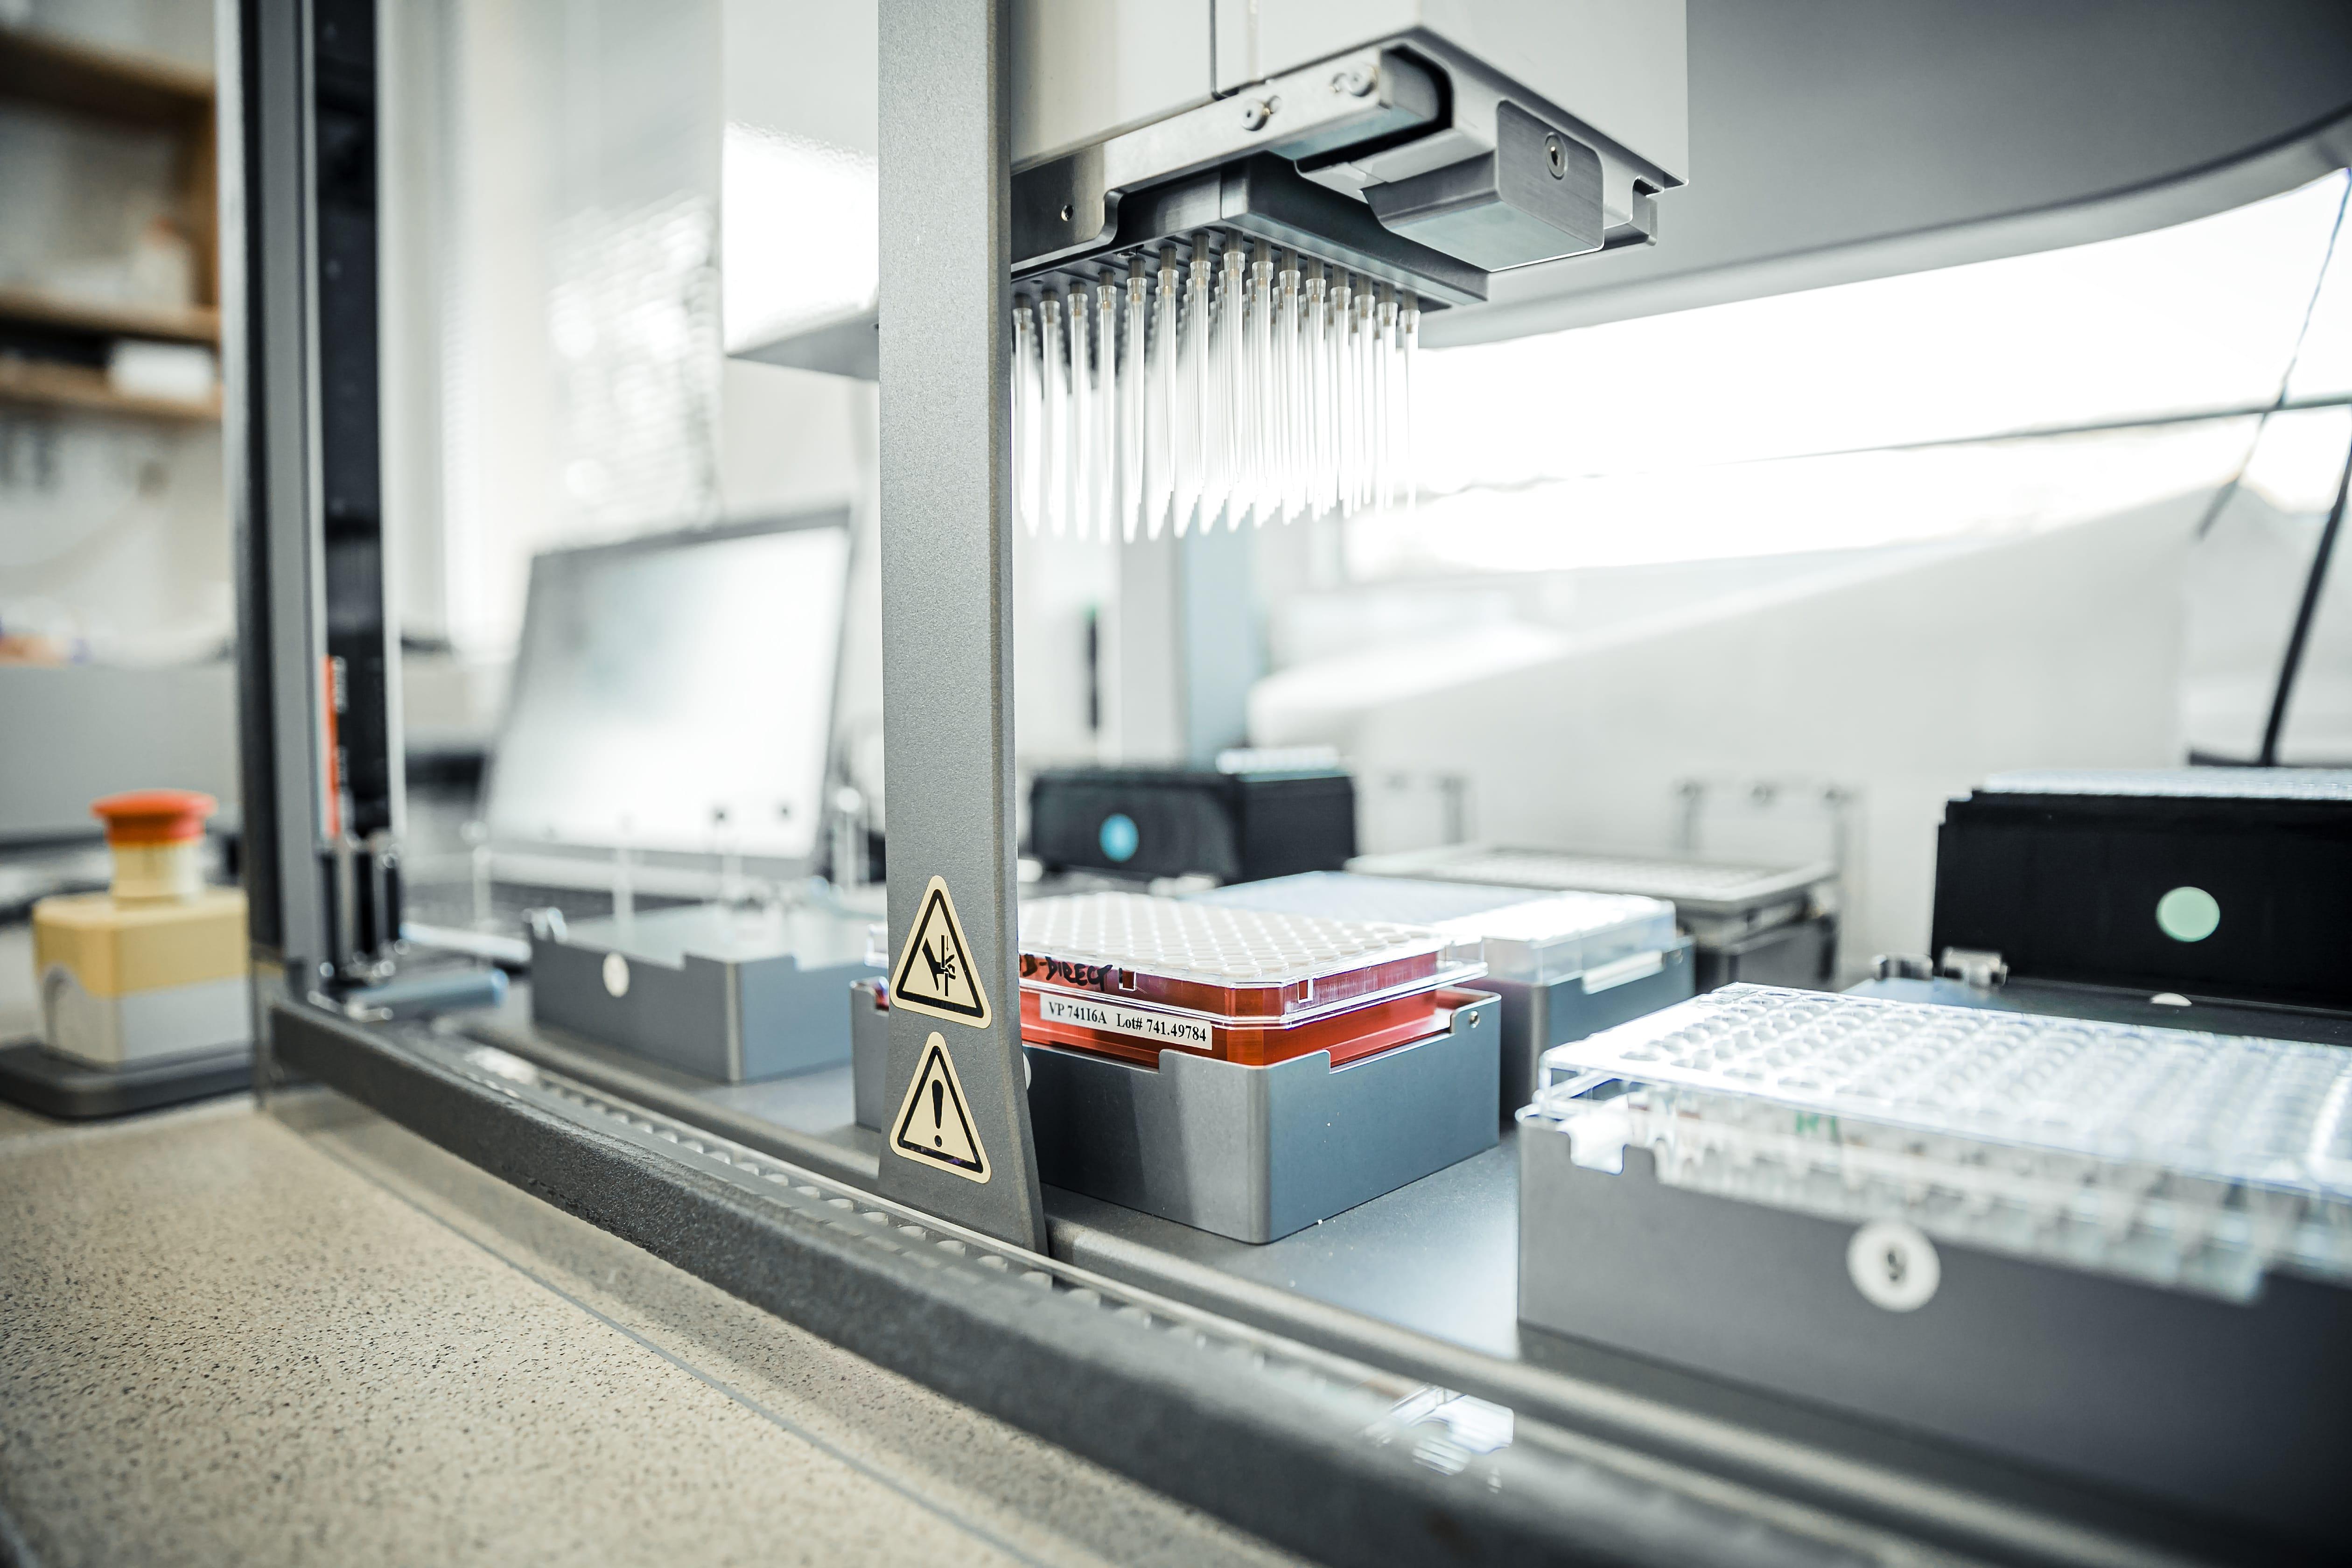 Britská mutace se potvrzuje u 75 procent pozitivních PCR testů, ukazují data z laboratoří